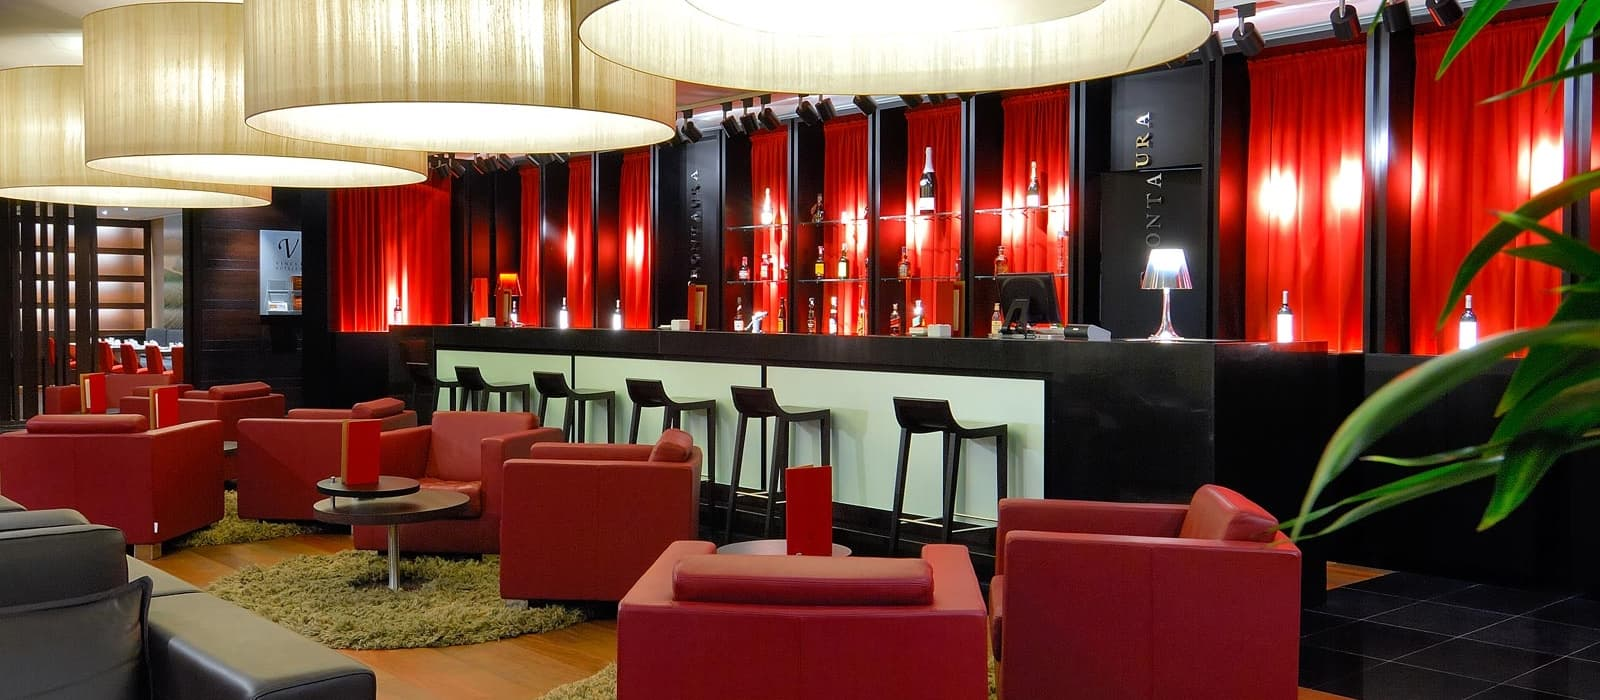 Hotel Valladolid Frontaura - Vincci Hotels